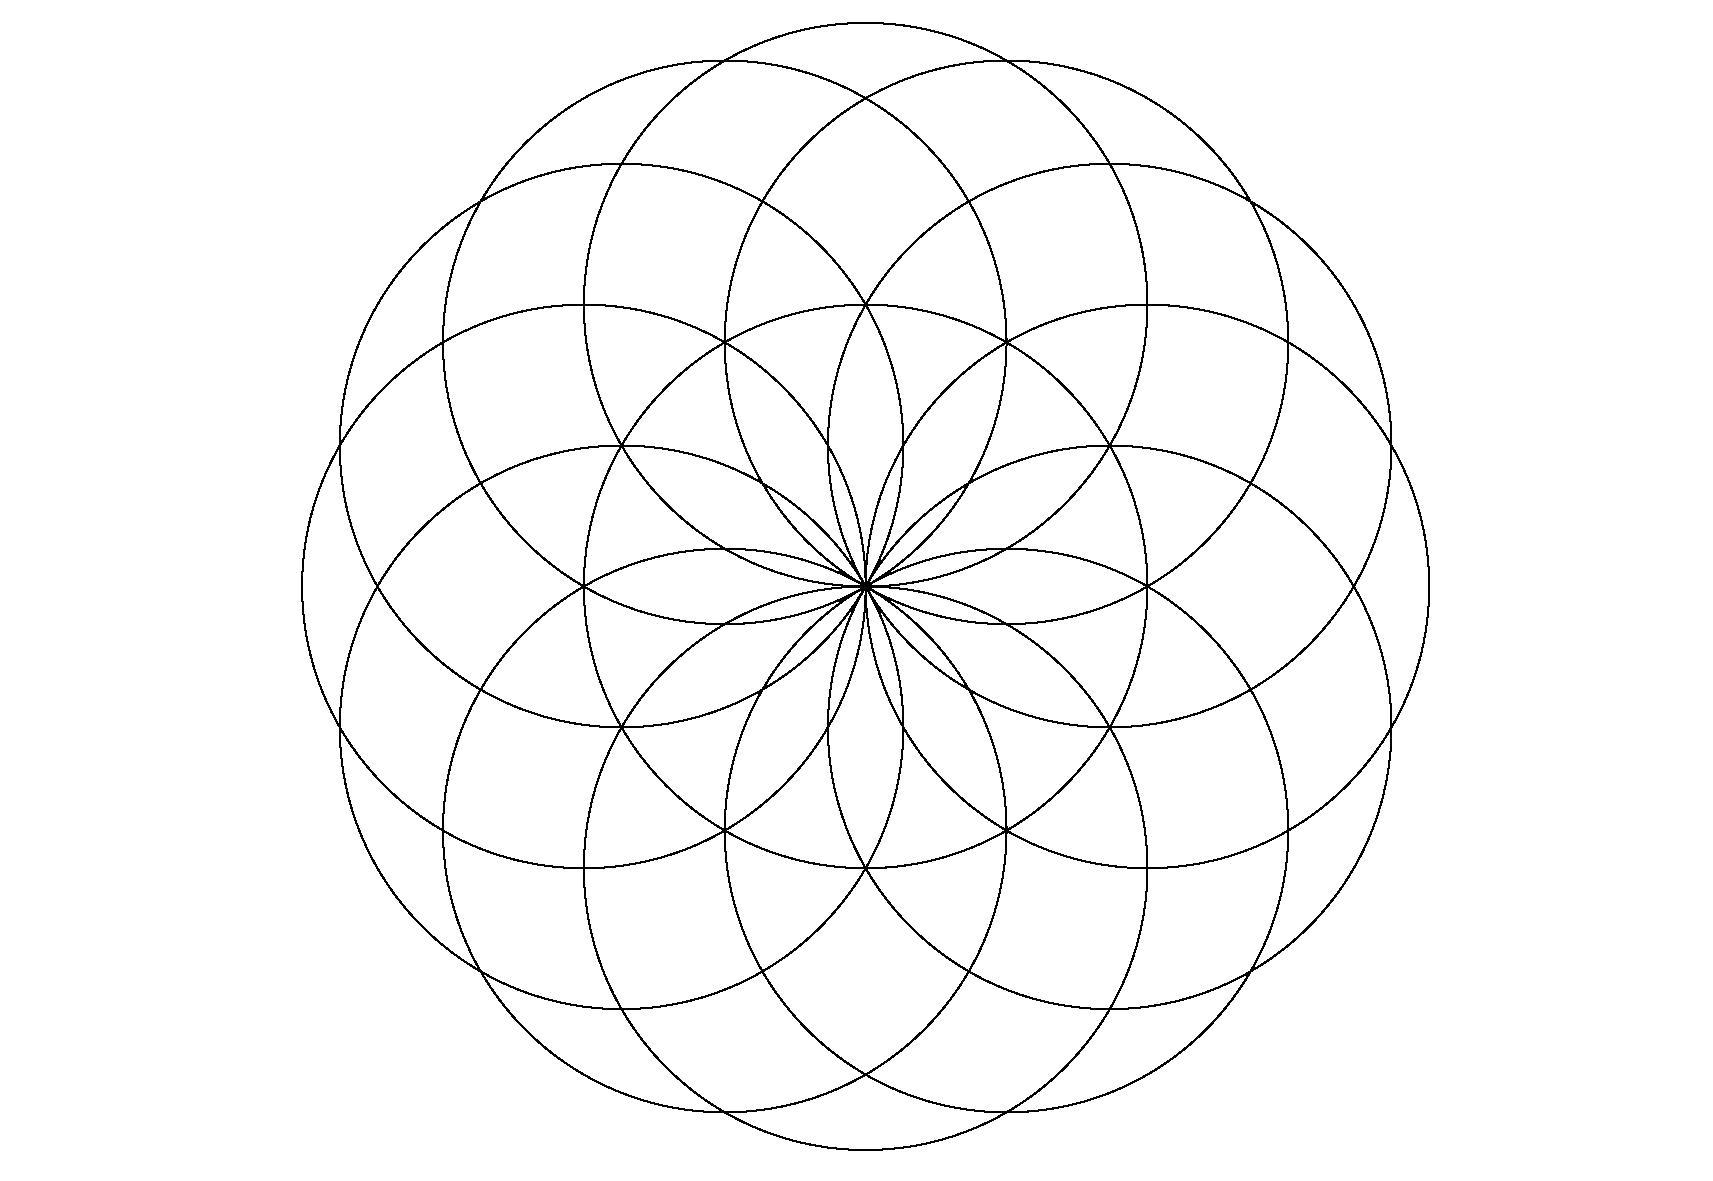 Раскраска Узоры. геометрические фигуры